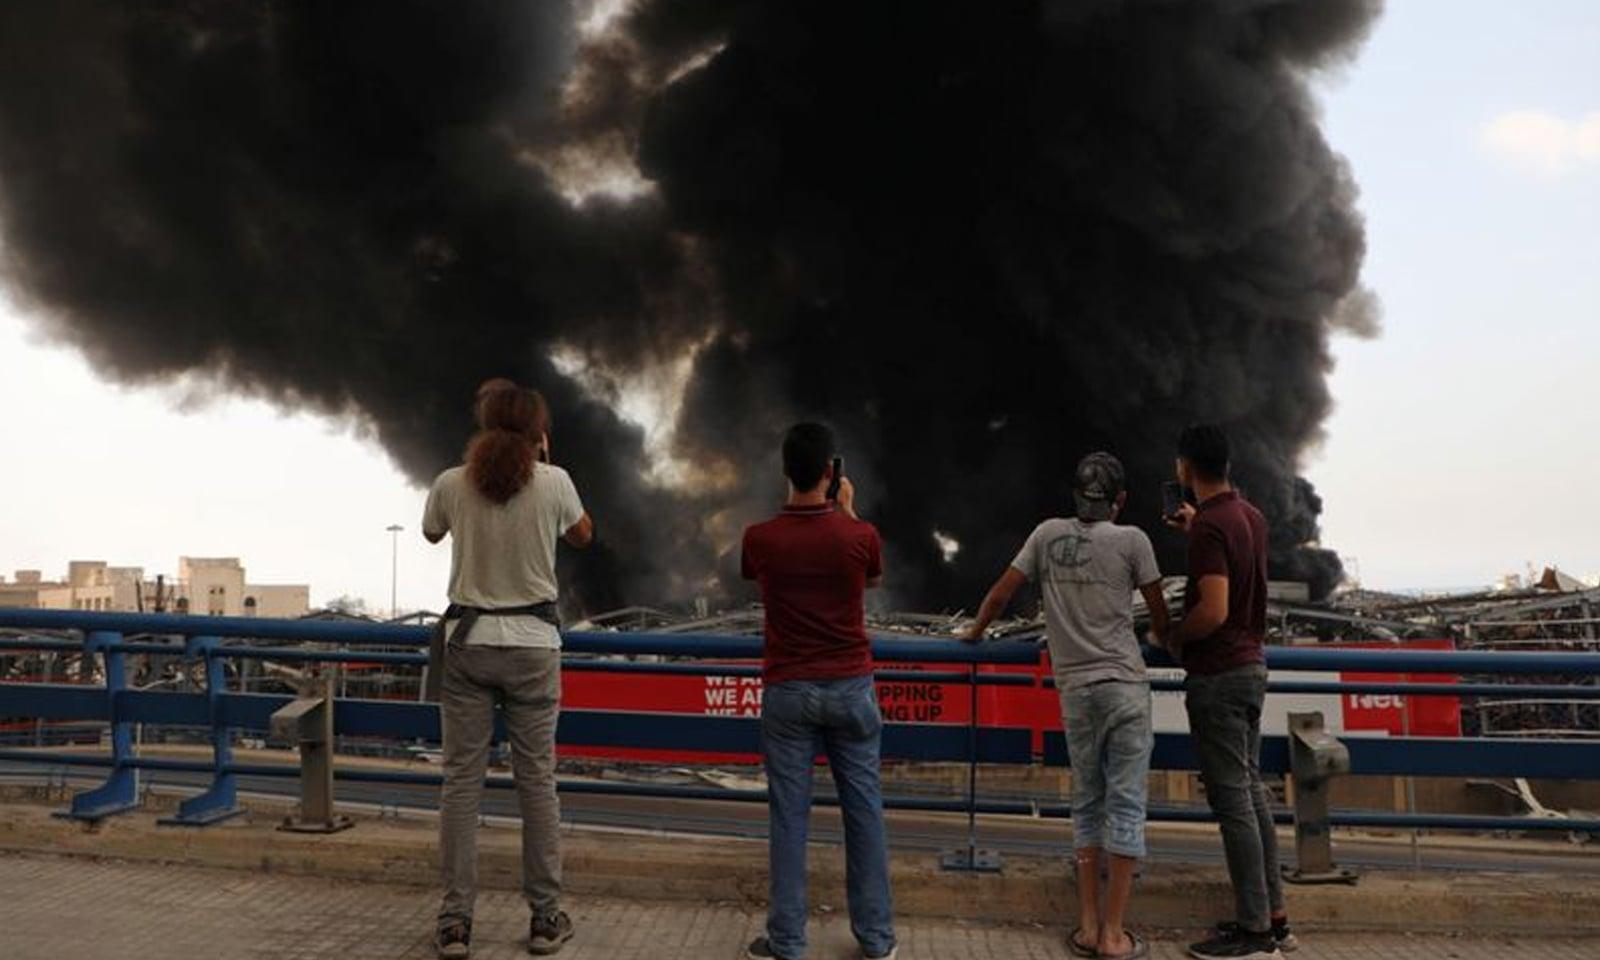 بیروت کی بندرگاہ میں آتشزدگی سے شہریوں میں خوف و ہراس پھیل گیا—فوٹو: رائٹرز